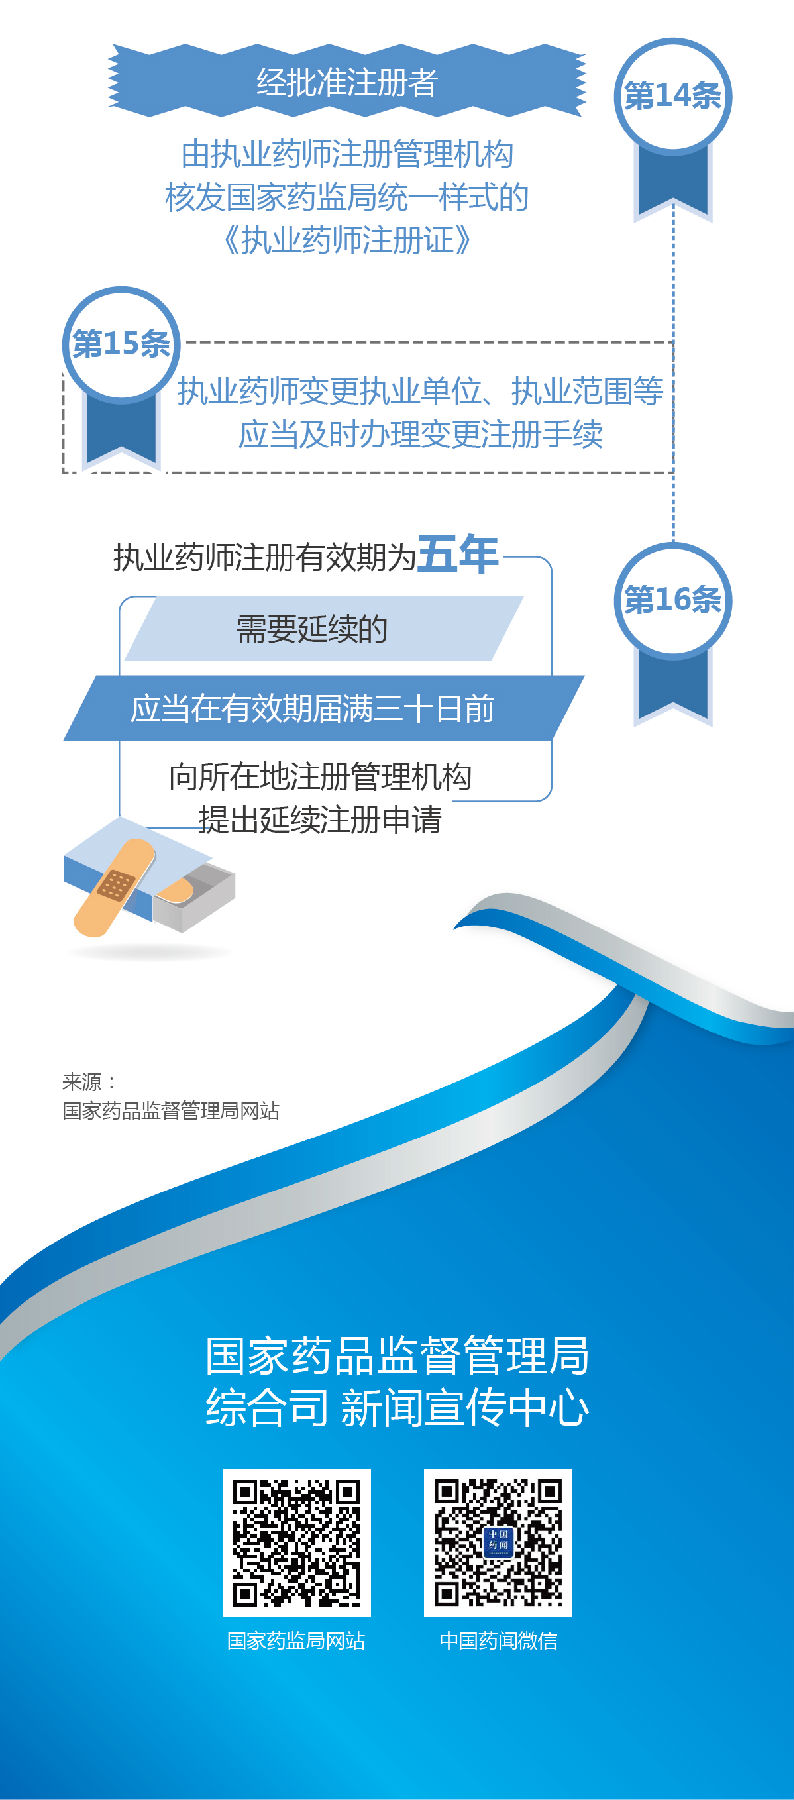 图解政策:新出台《执业药师职业资格制度规定》